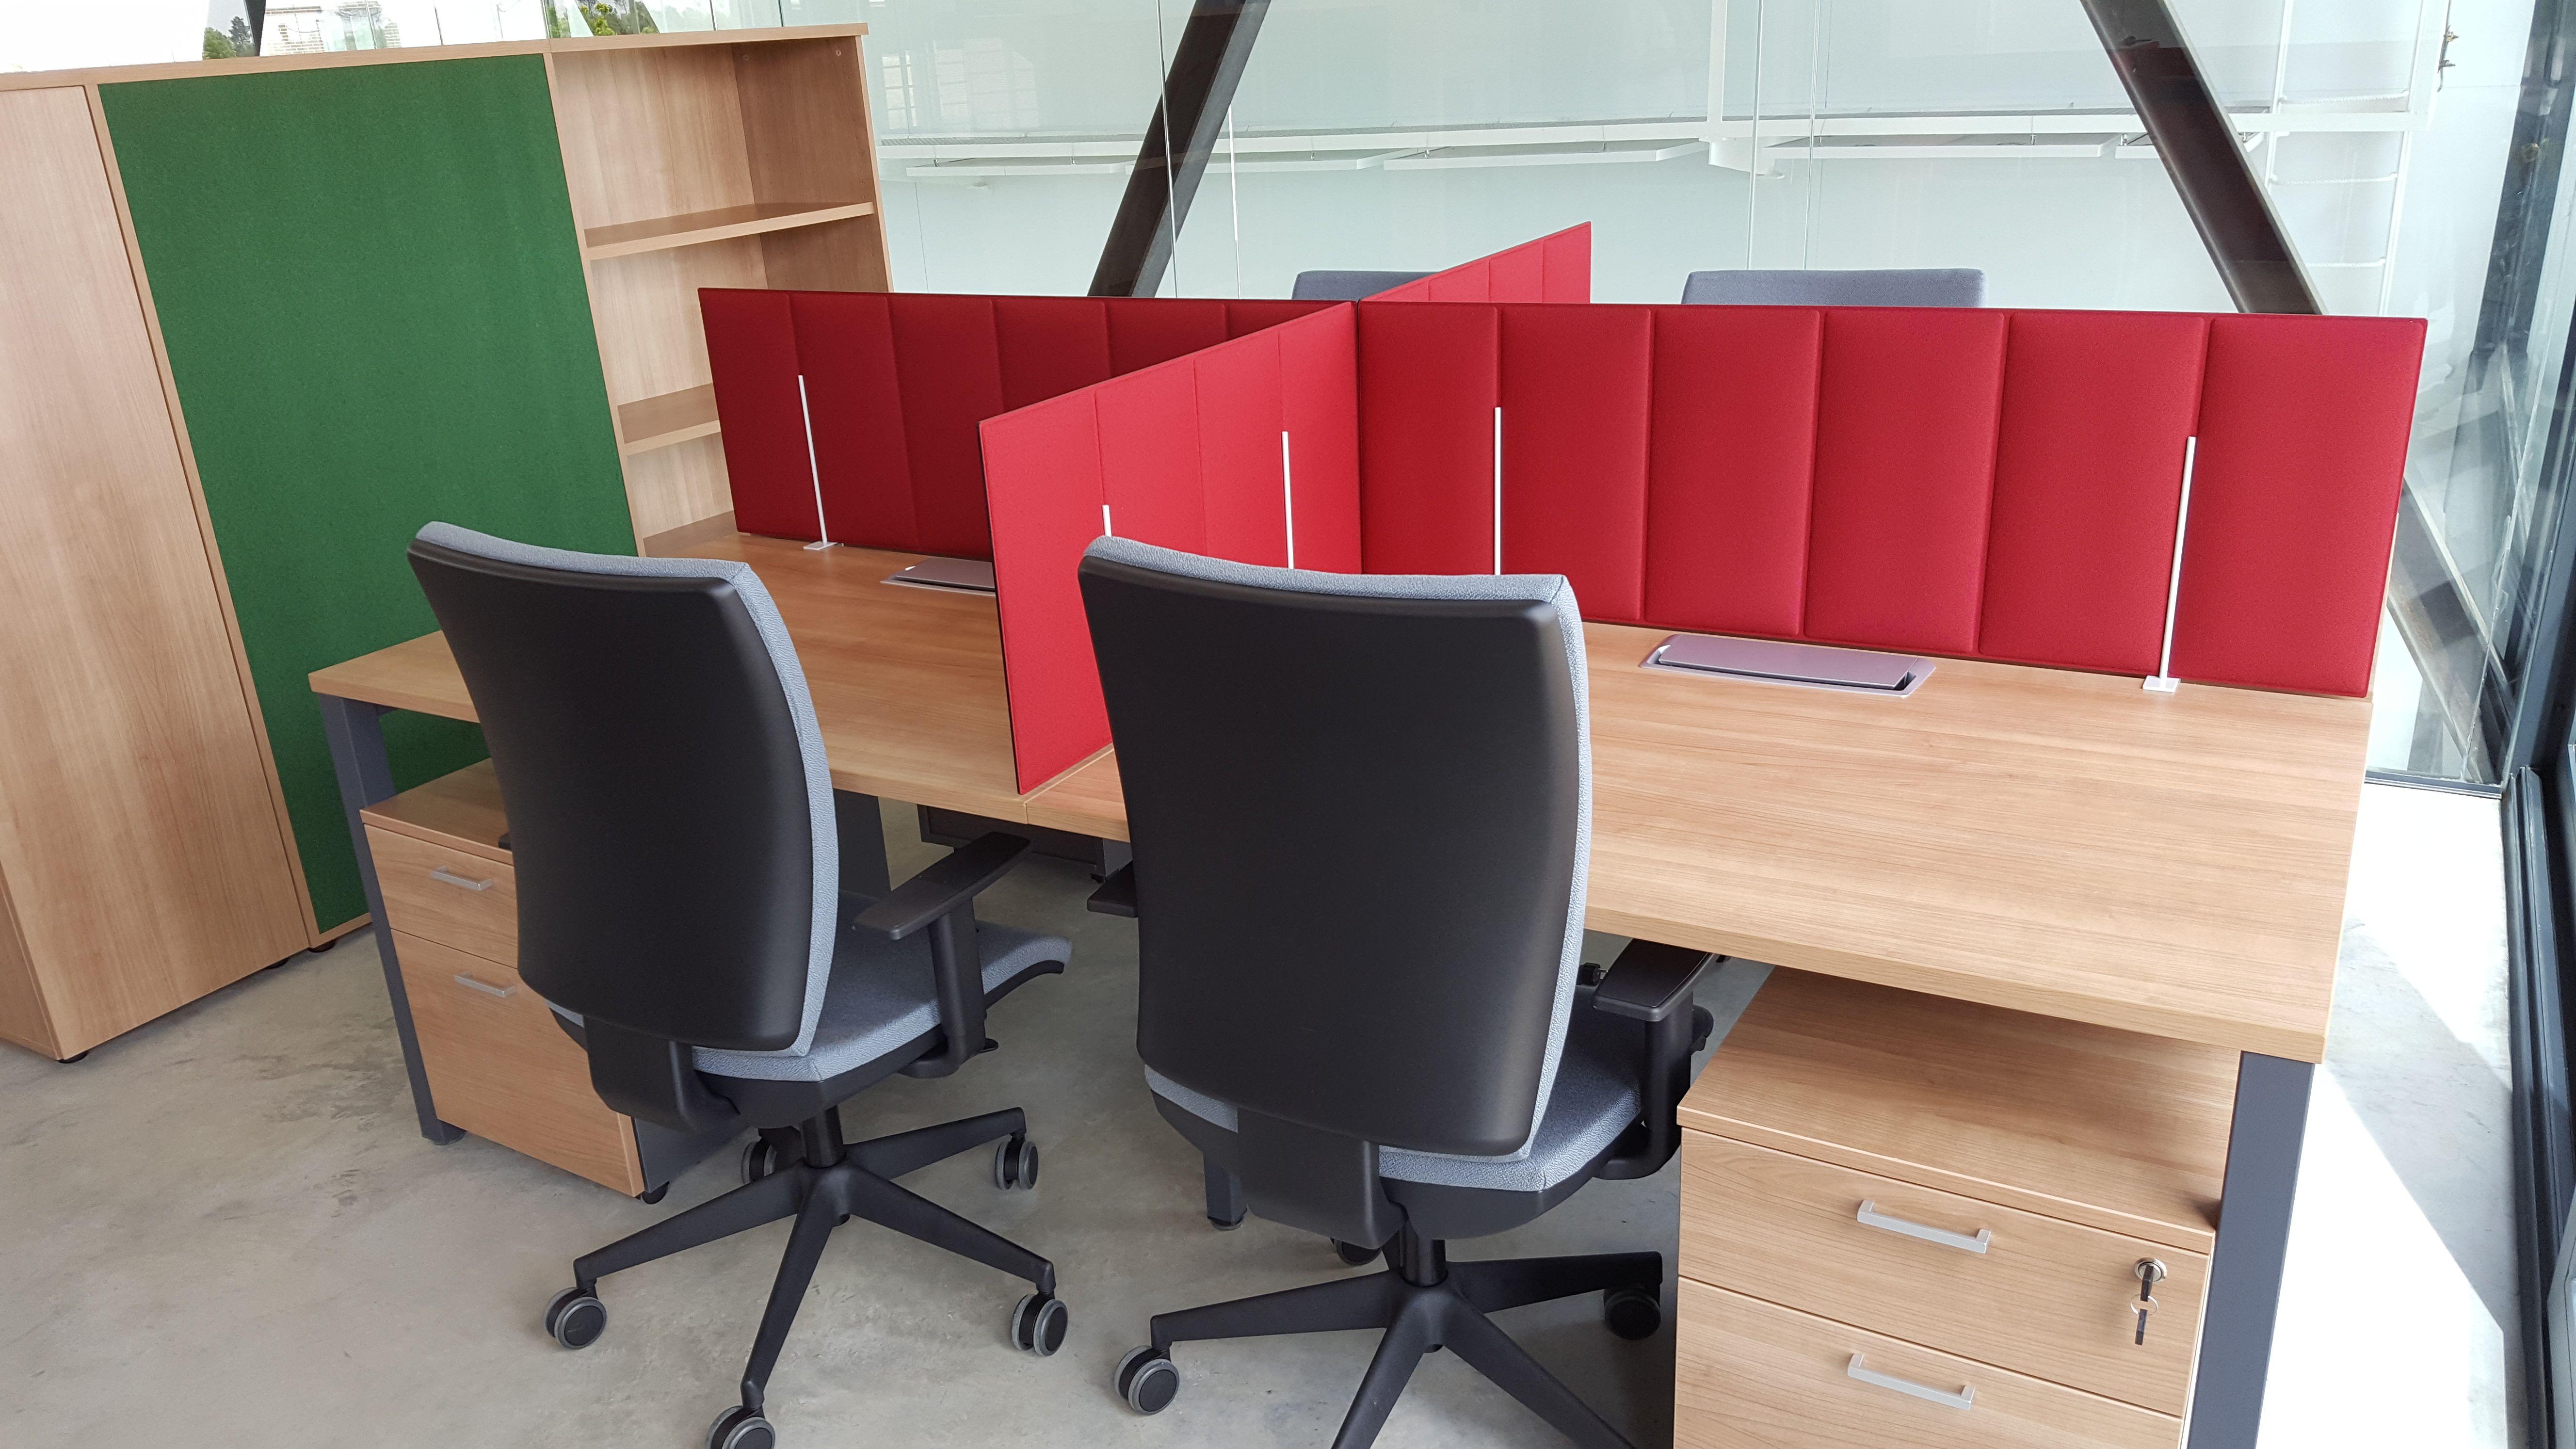 Venta de equipamiento integral para oficinas en Madrid